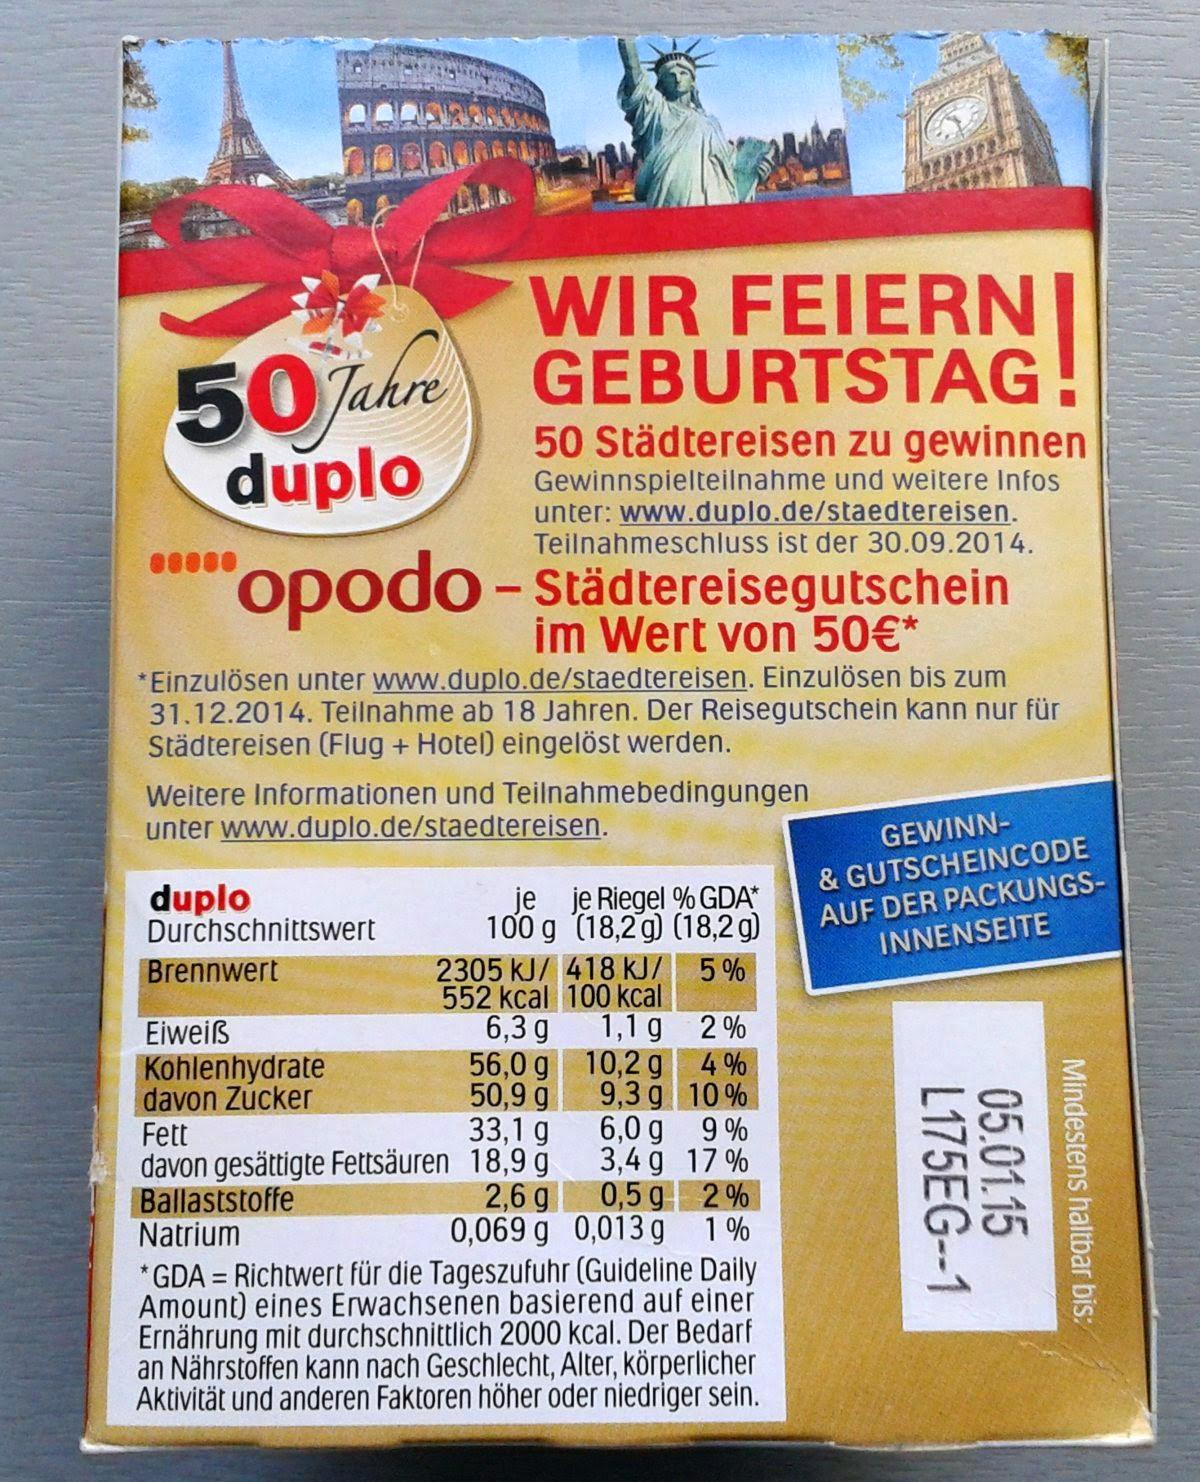 reisegutschein 50 euro